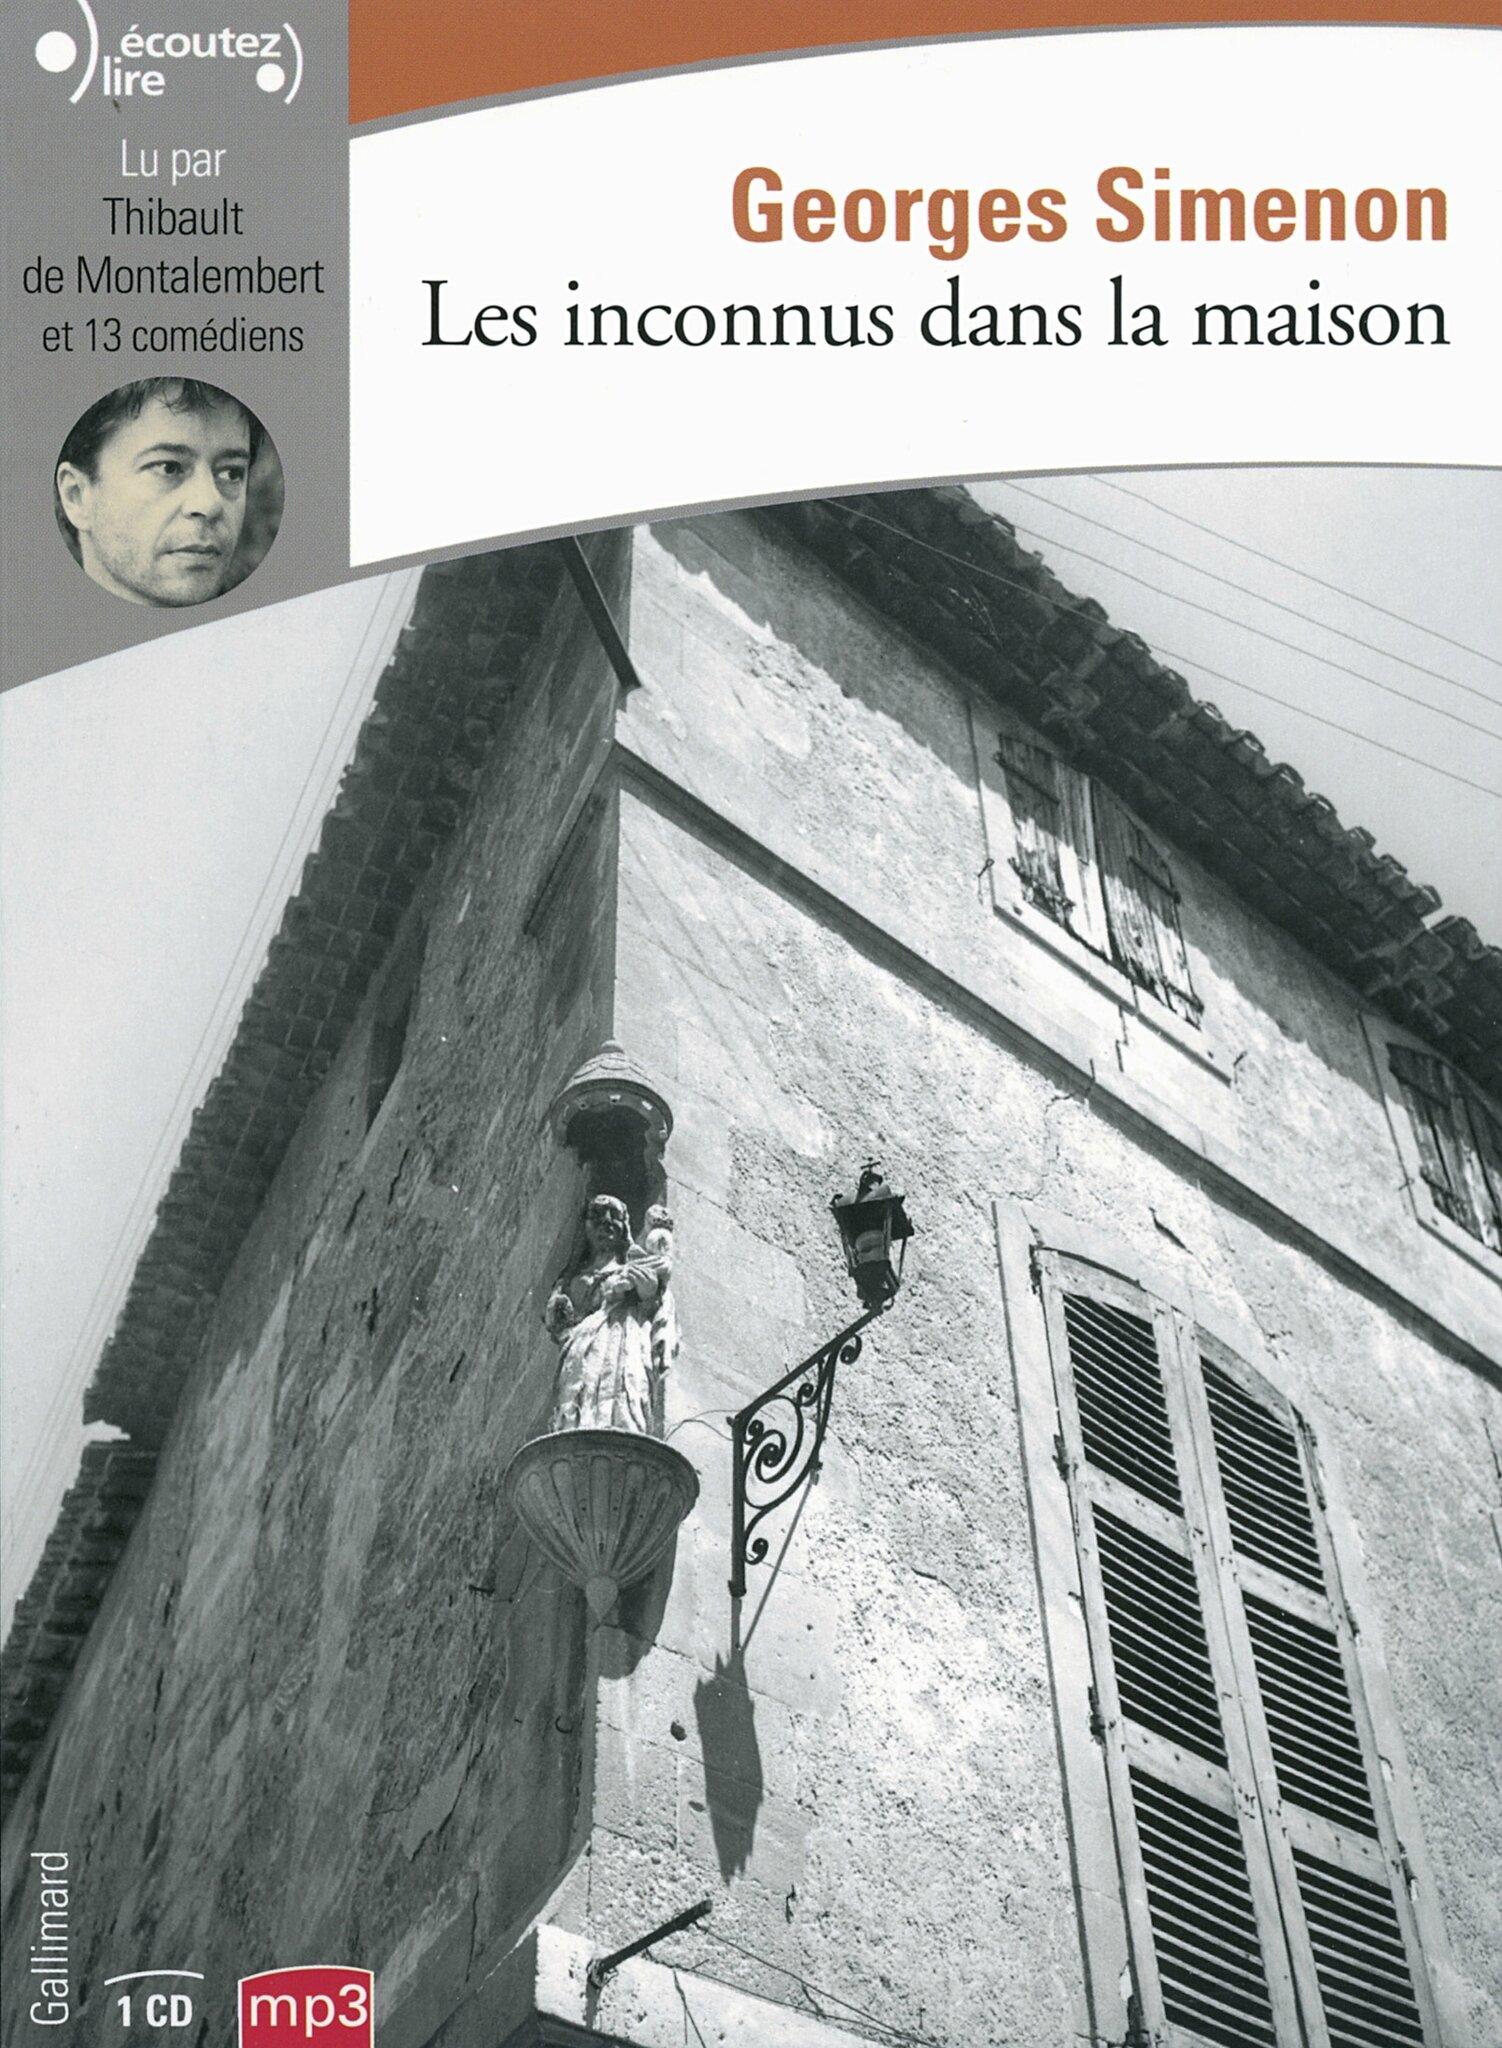 Les inconnus dans la maison de georges simenon les mots - Limace dans la maison ...